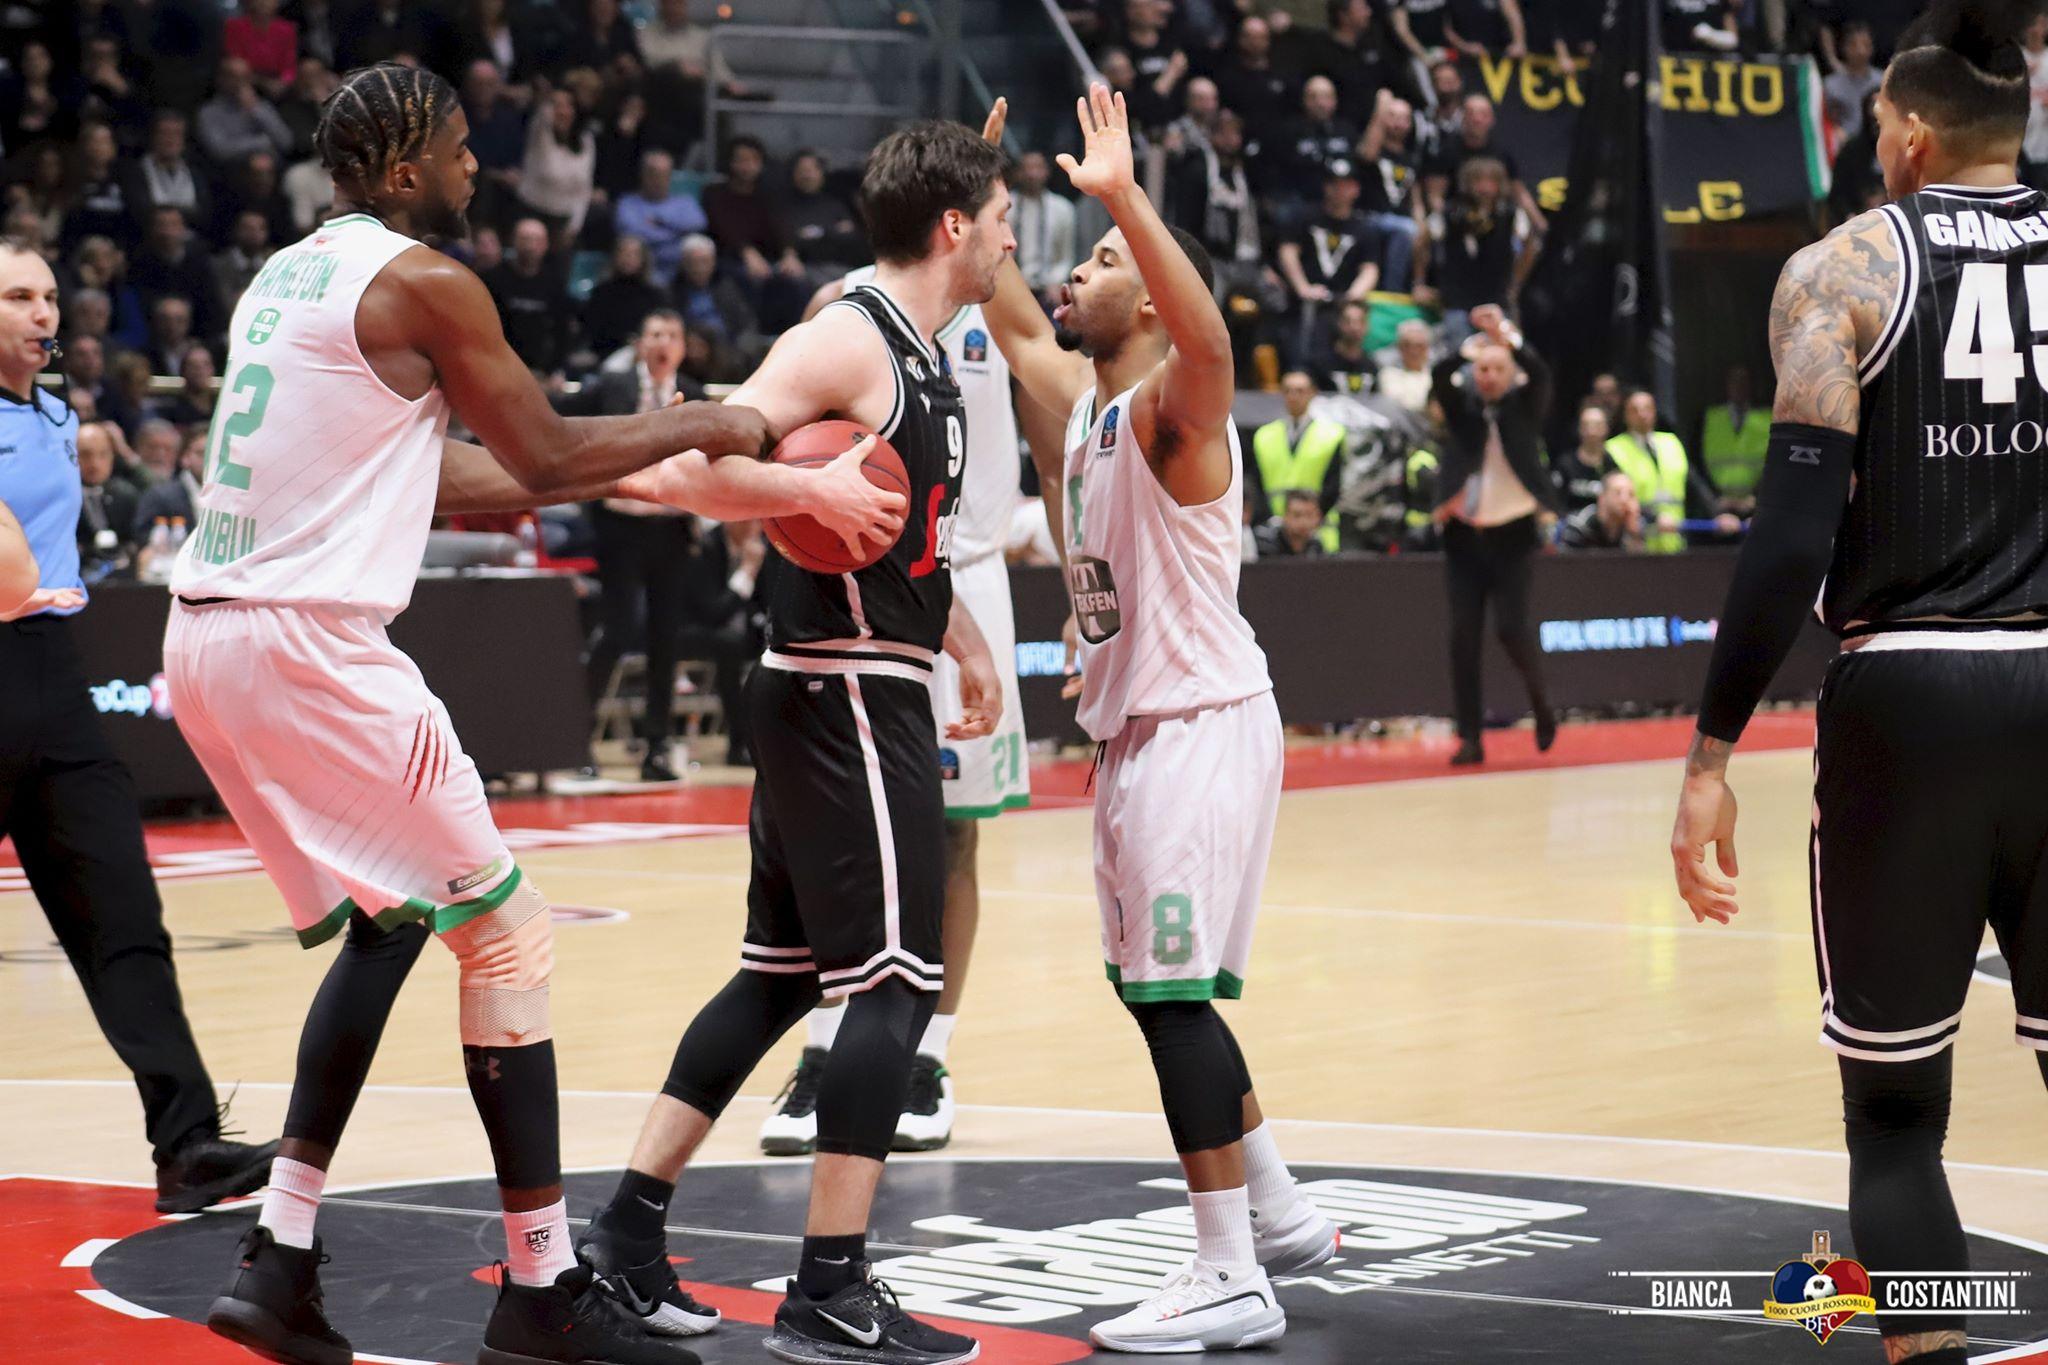 La Virtus Segafredo non cade nella trappola della rissa e batte il Darussafaka Istanbul con scarto in doppia cifra: 83 - 72